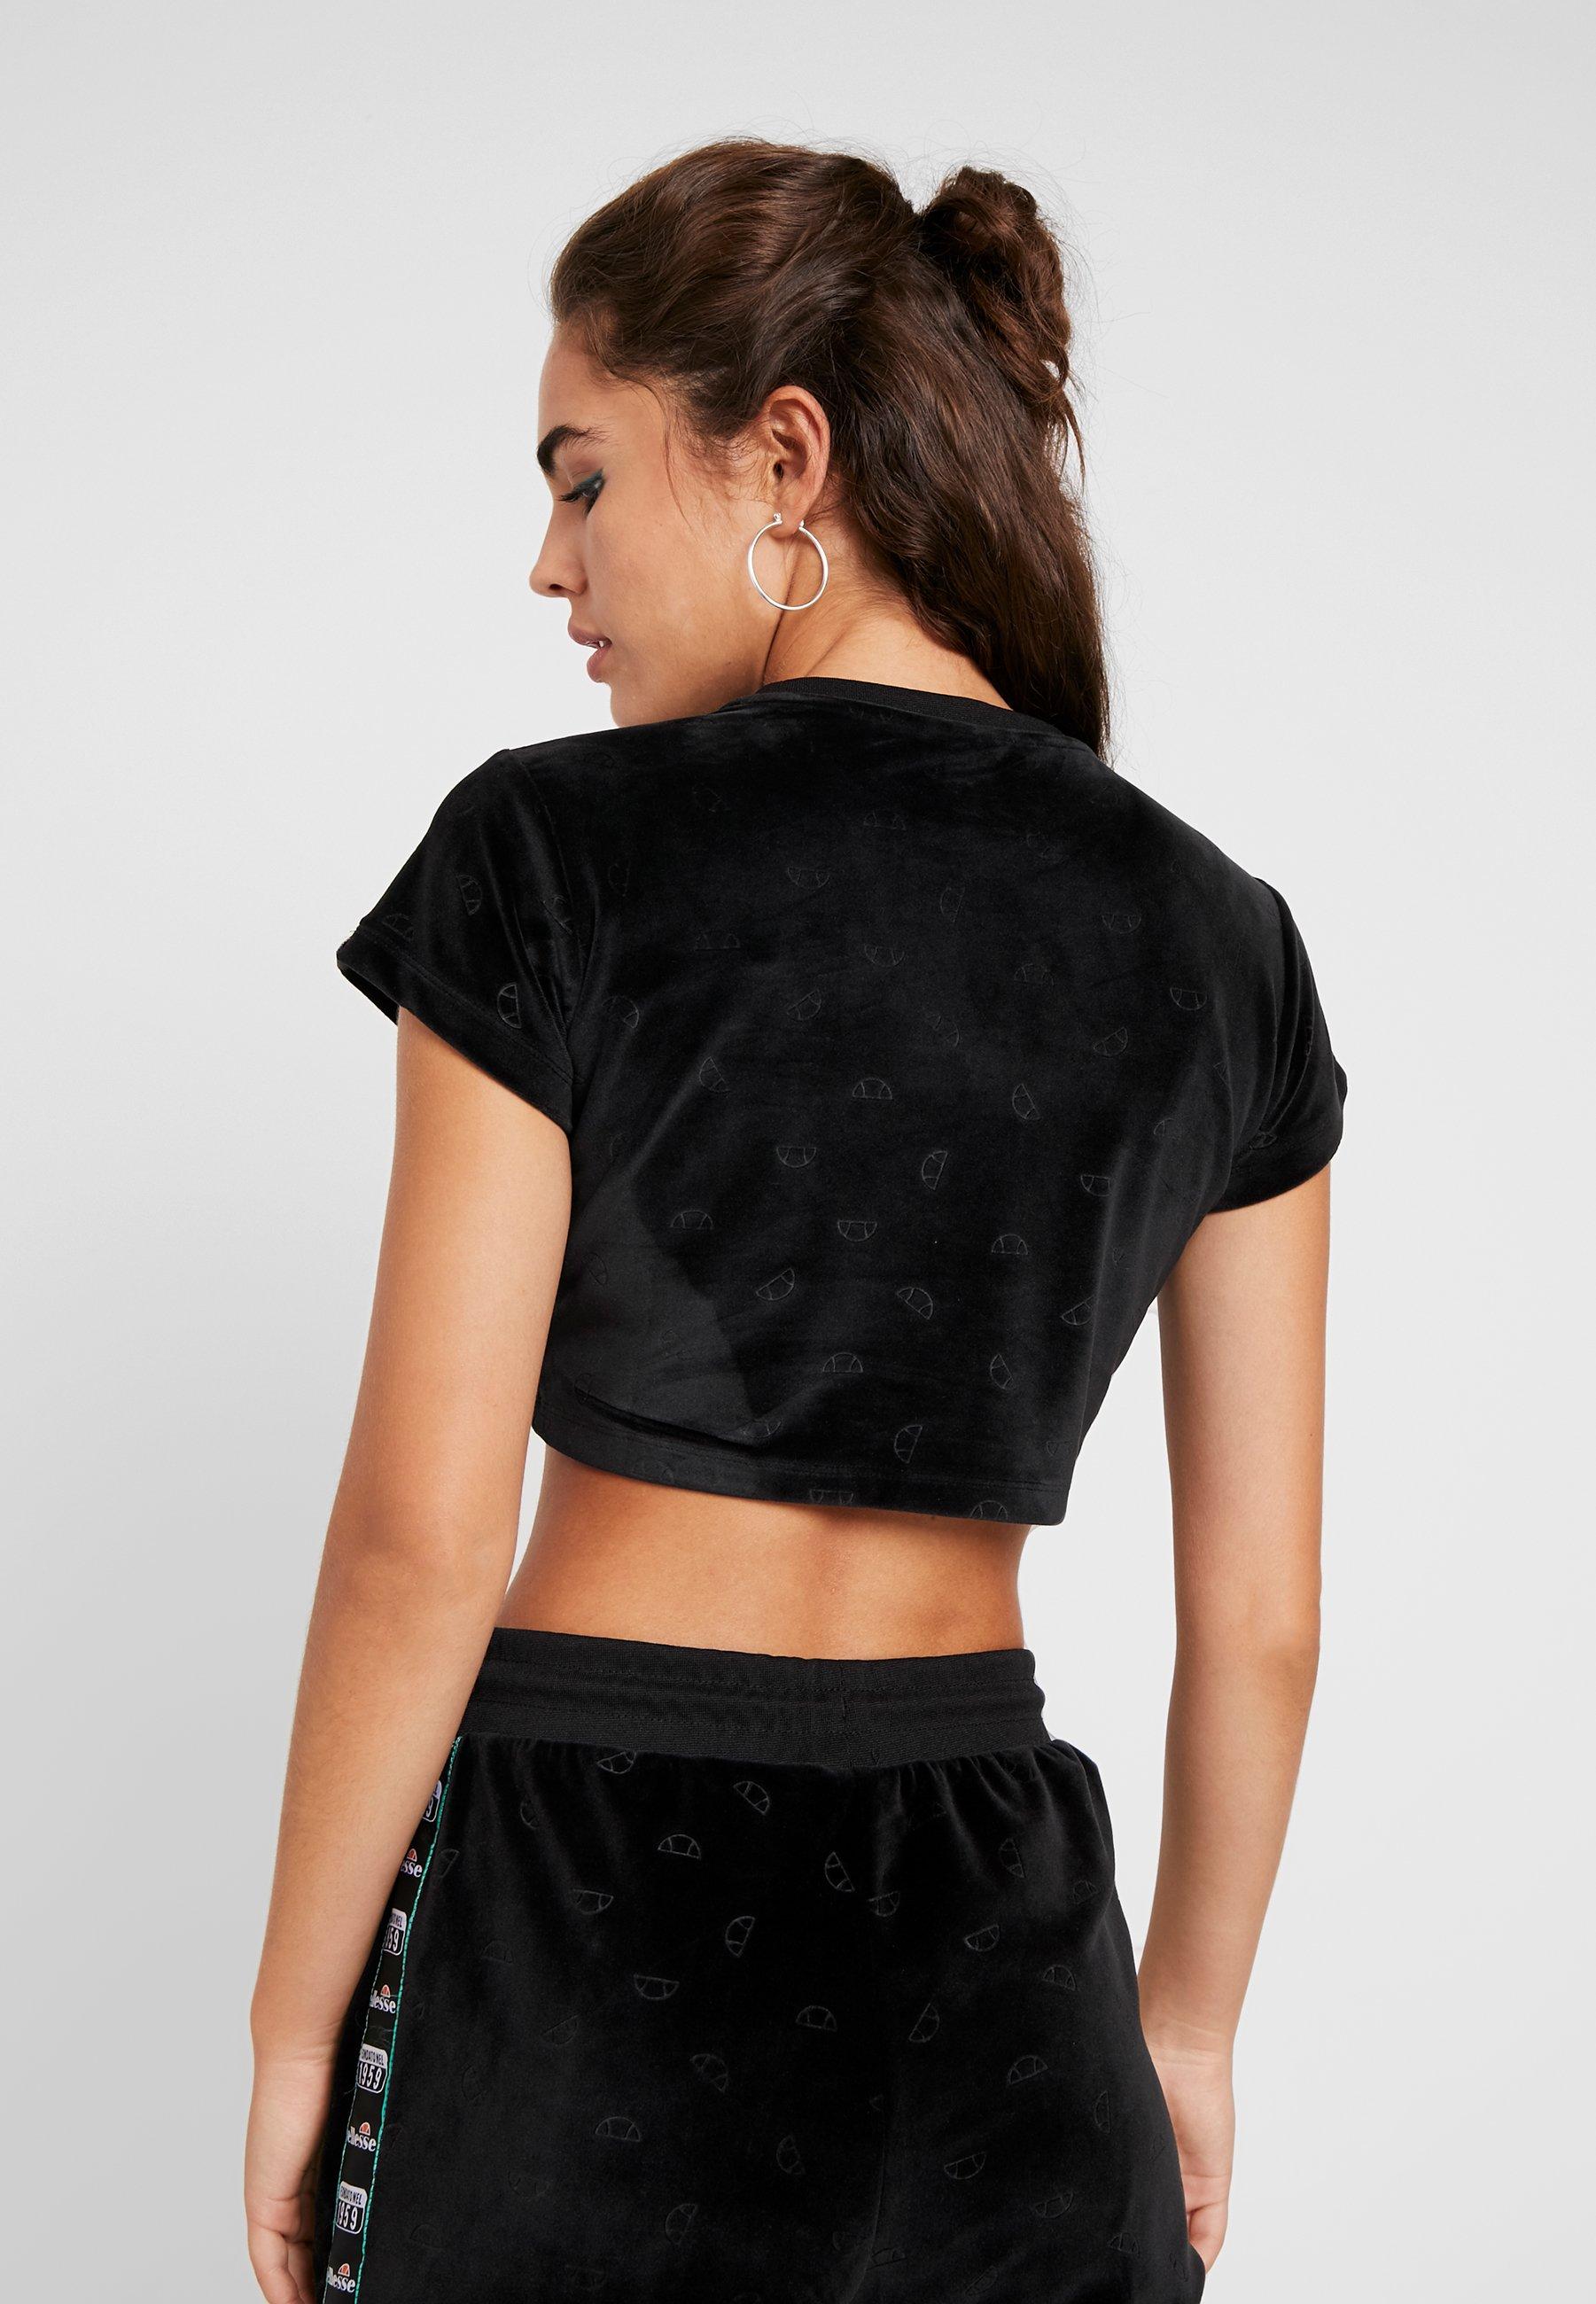 SelvaT Ellesse Imprimé Imprimé Black SelvaT shirt Ellesse shirt kuTwiOXZlP